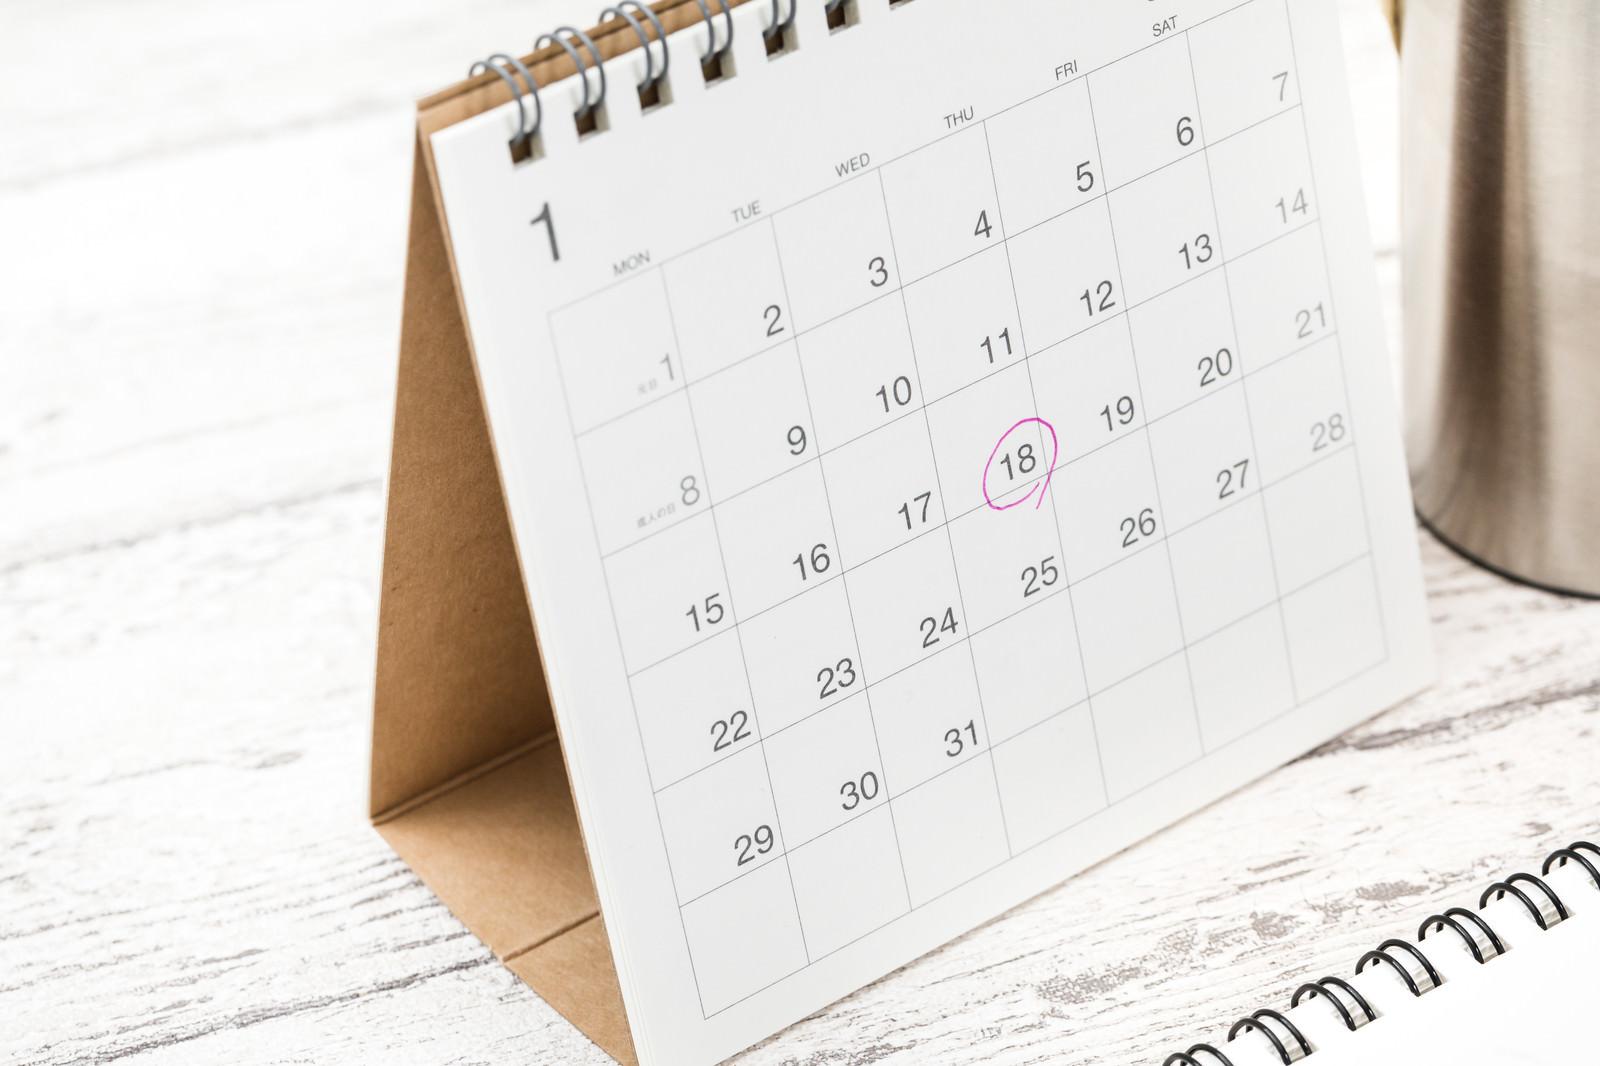 失業保険の待機期間【いつからもらえるの?】